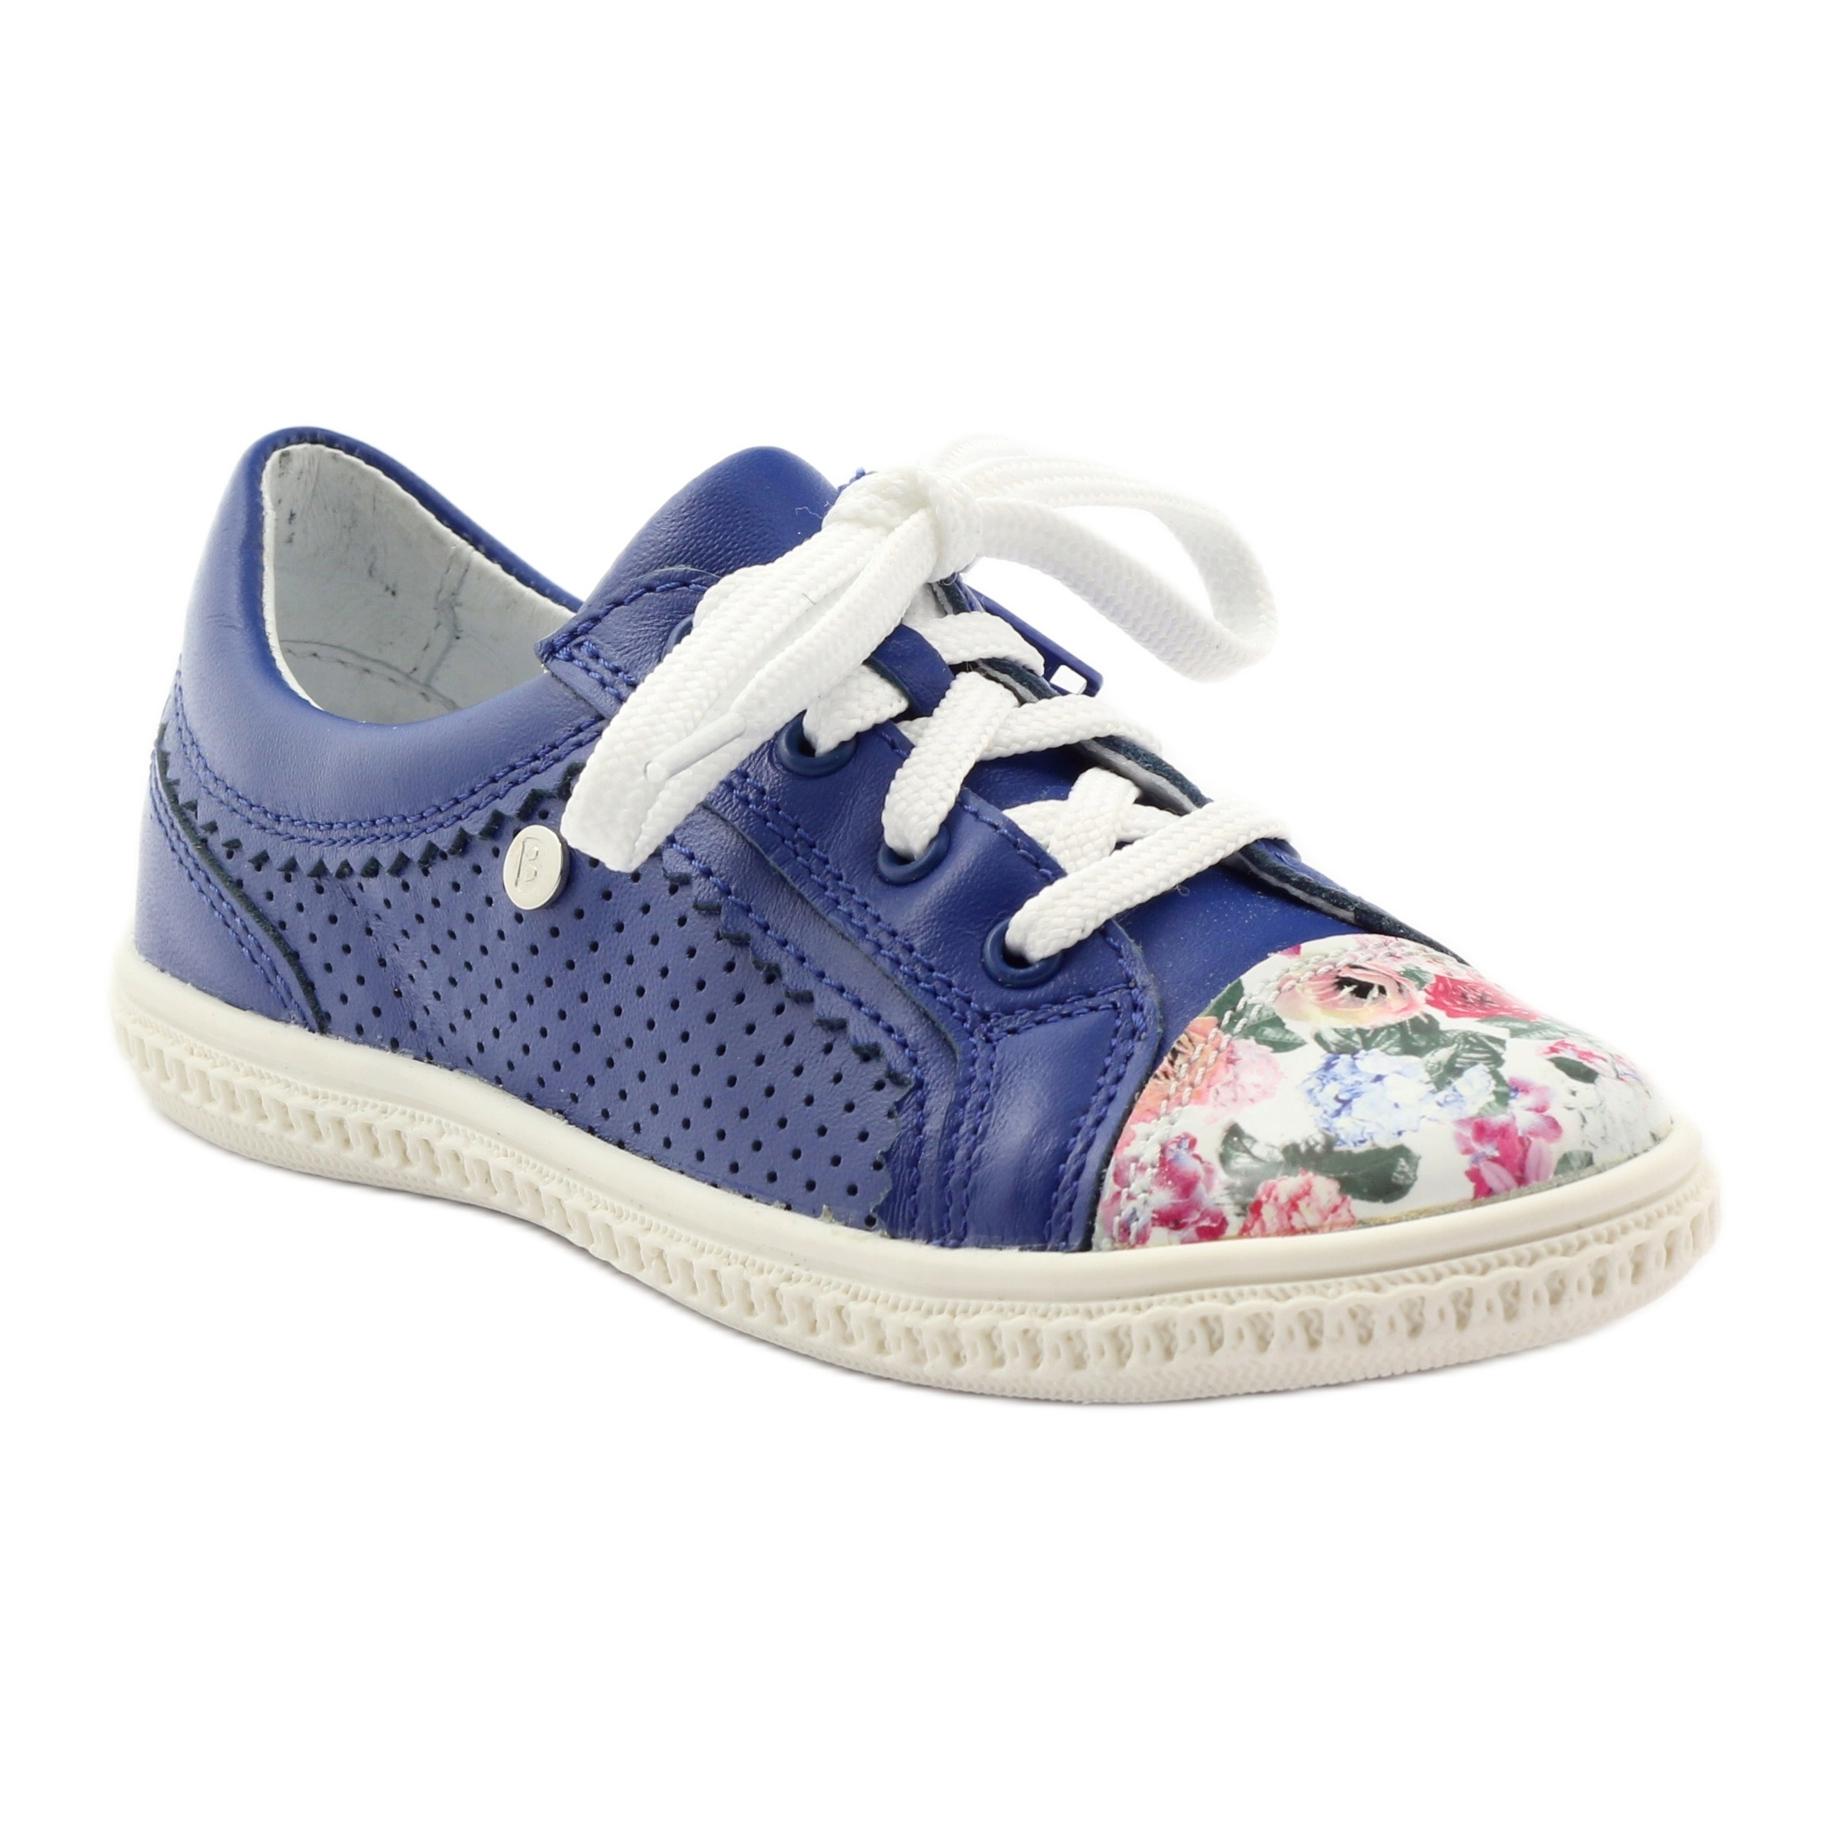 Scarpe-basse-per-bambina-fiori-Bartek-15524-blu-multicolore miniatura 2